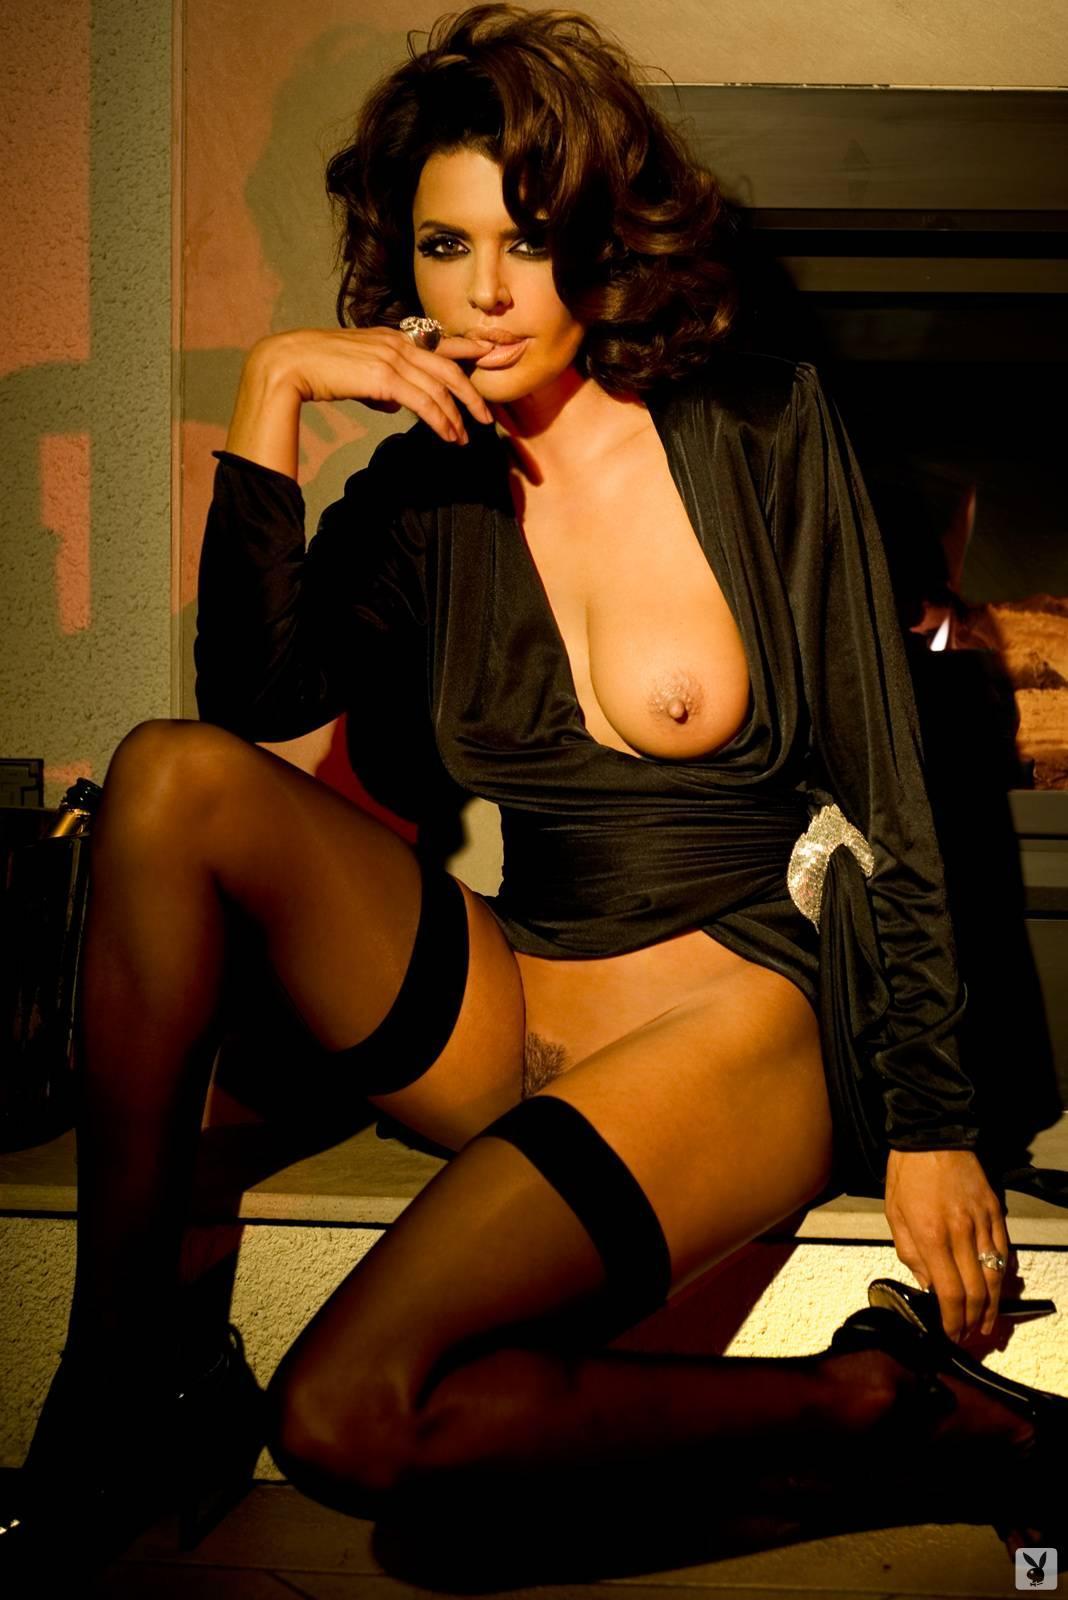 Lisa renna nude photos